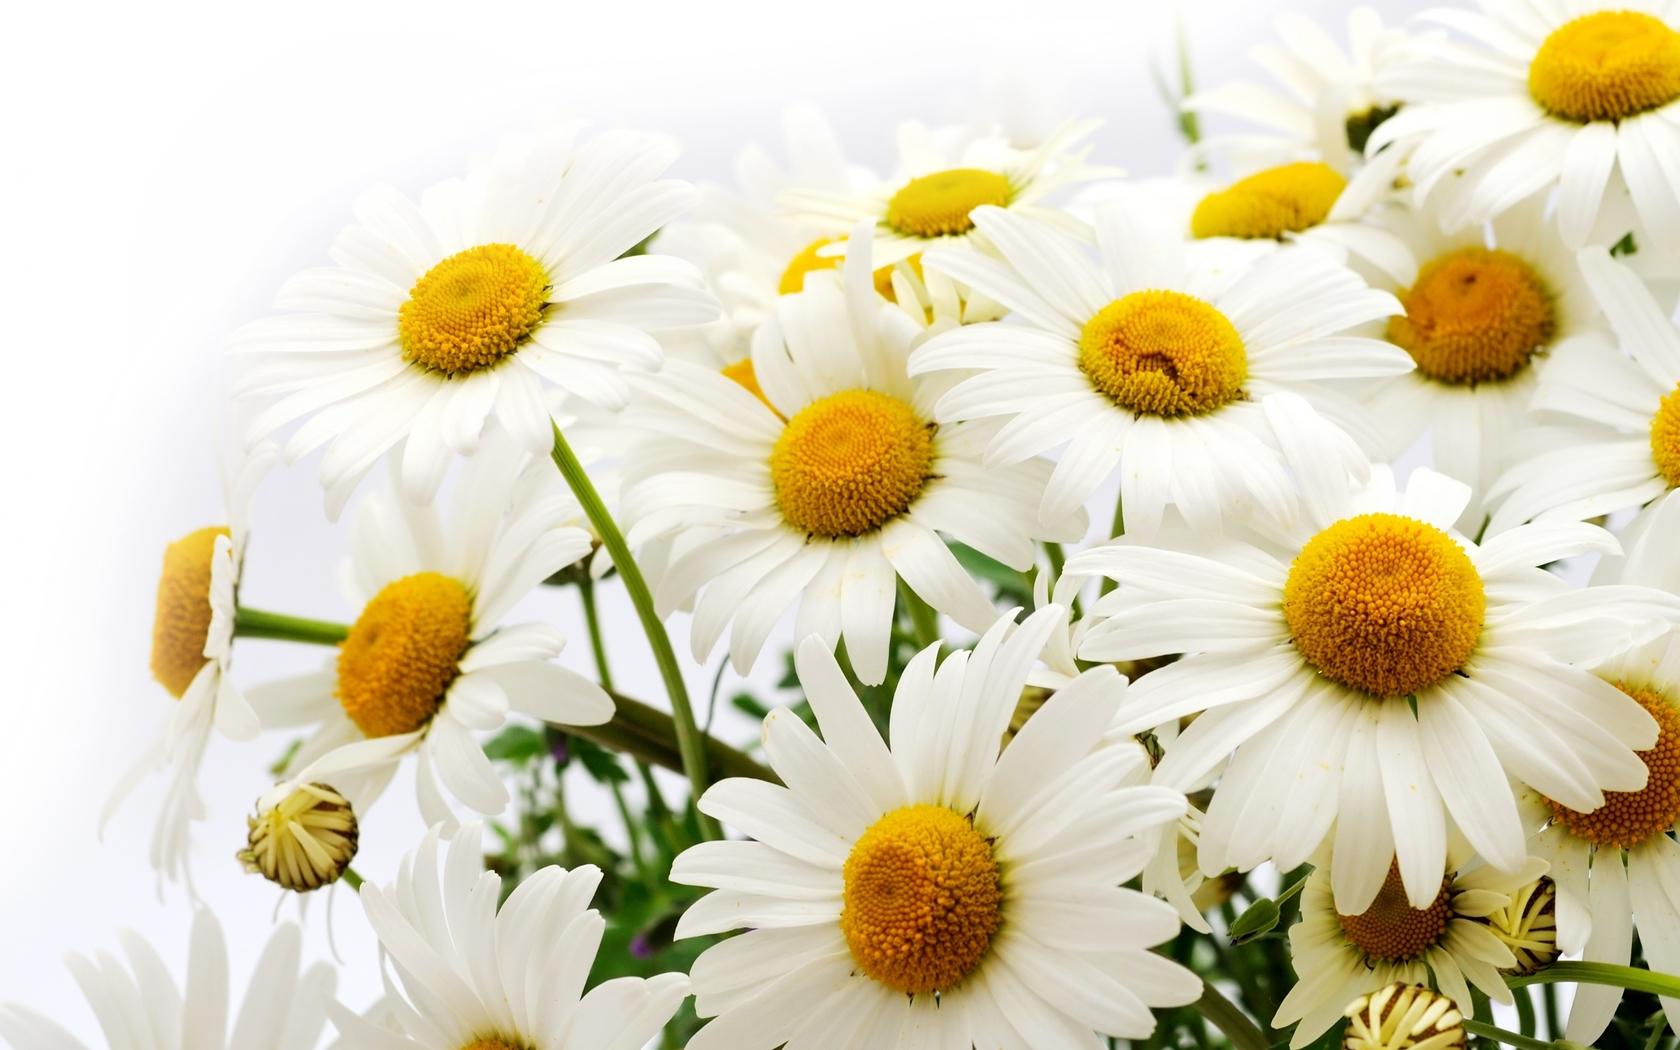 букет белых ромашек, цветы, скачать фото, обои на рабочий стол